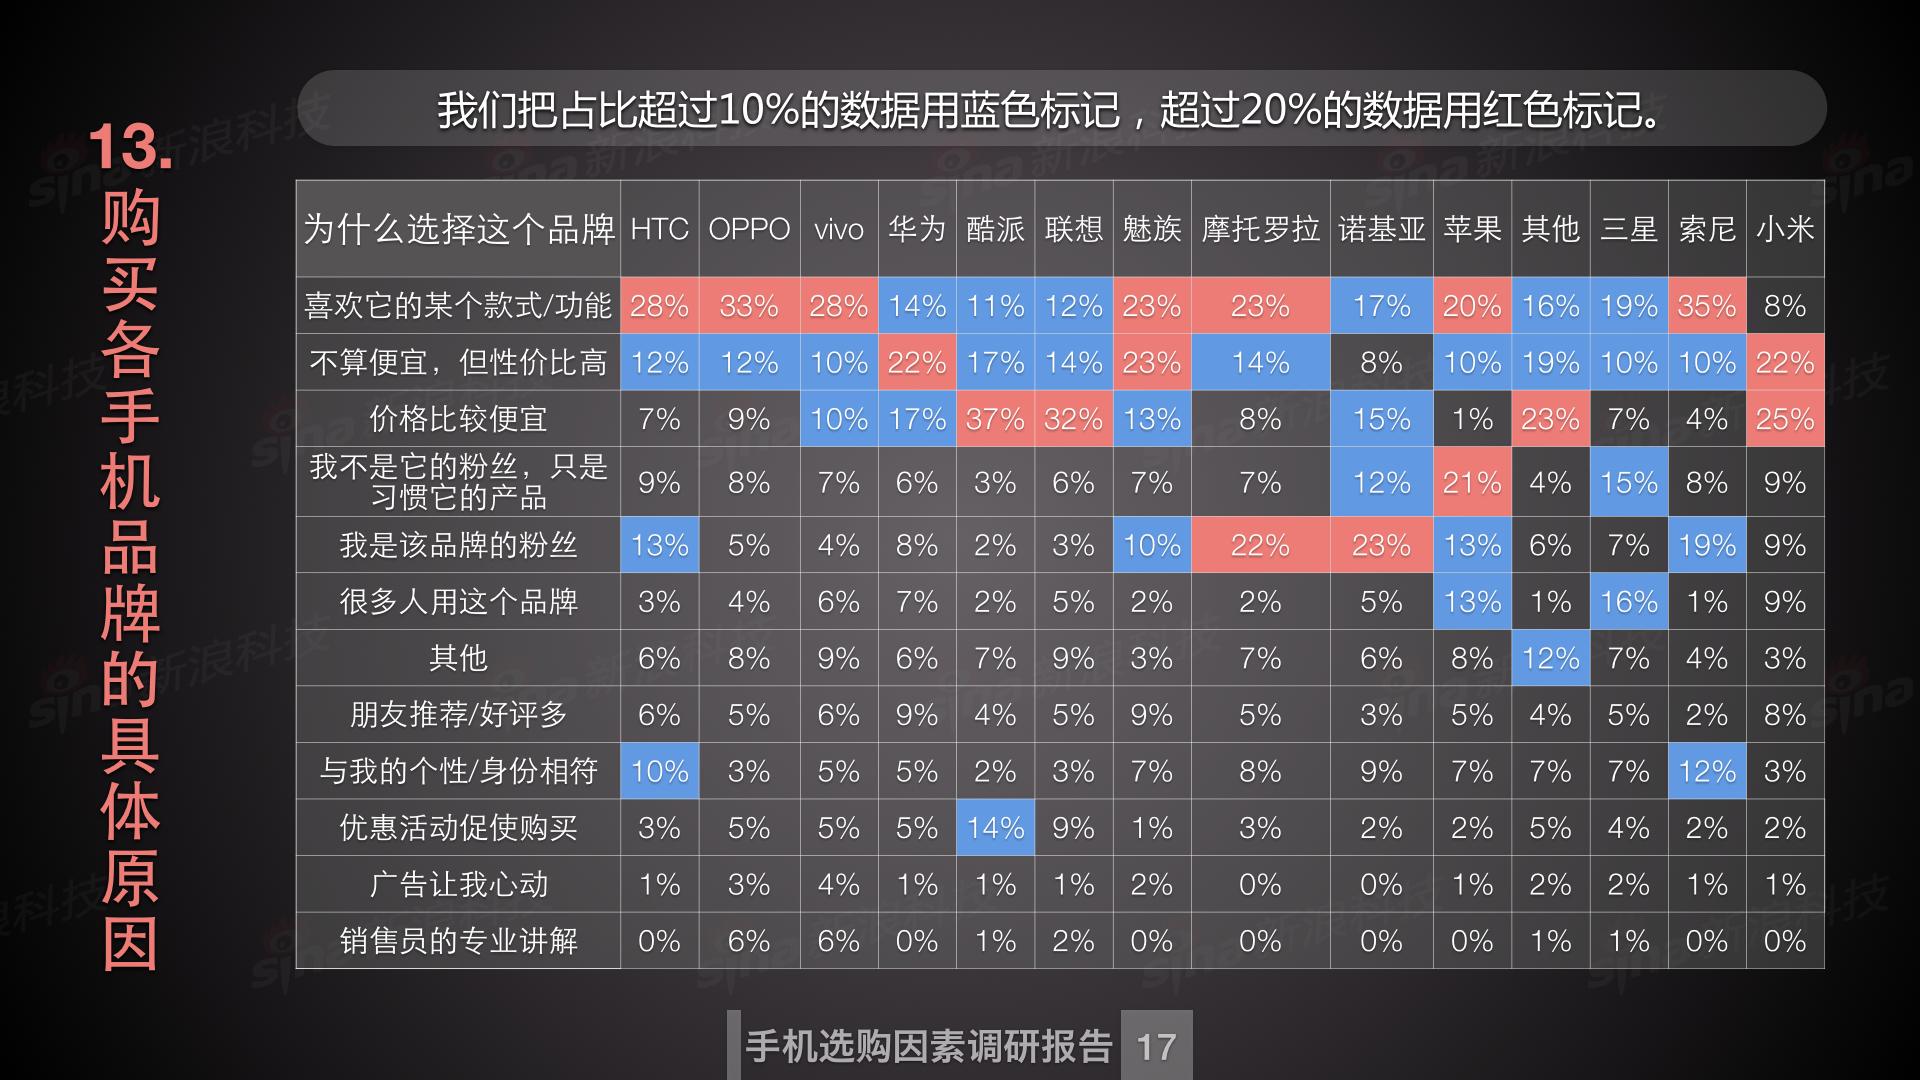 新浪科技数据中心_购买手机因素调研.018